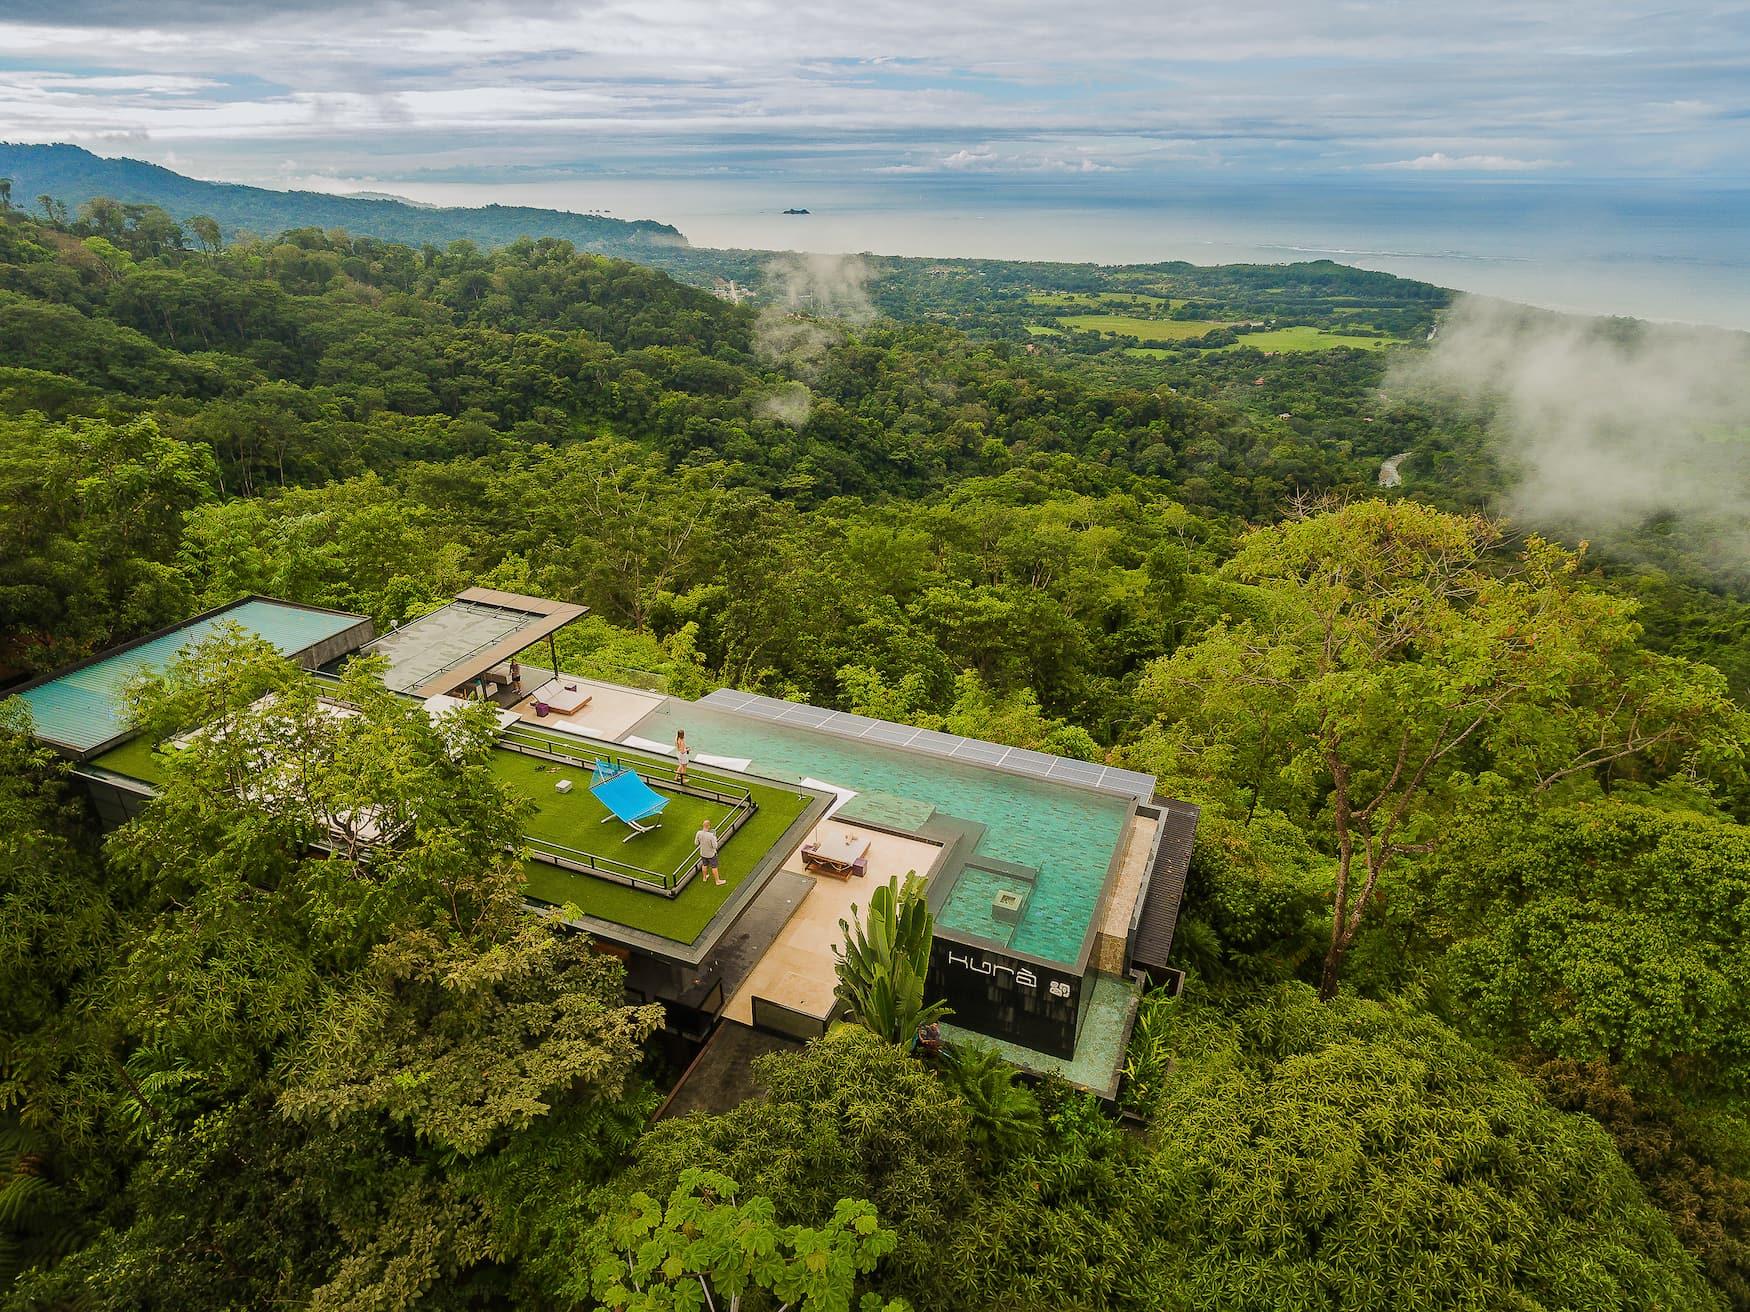 Hotel, Dschungel, Costa Rica, Küste, Uvita